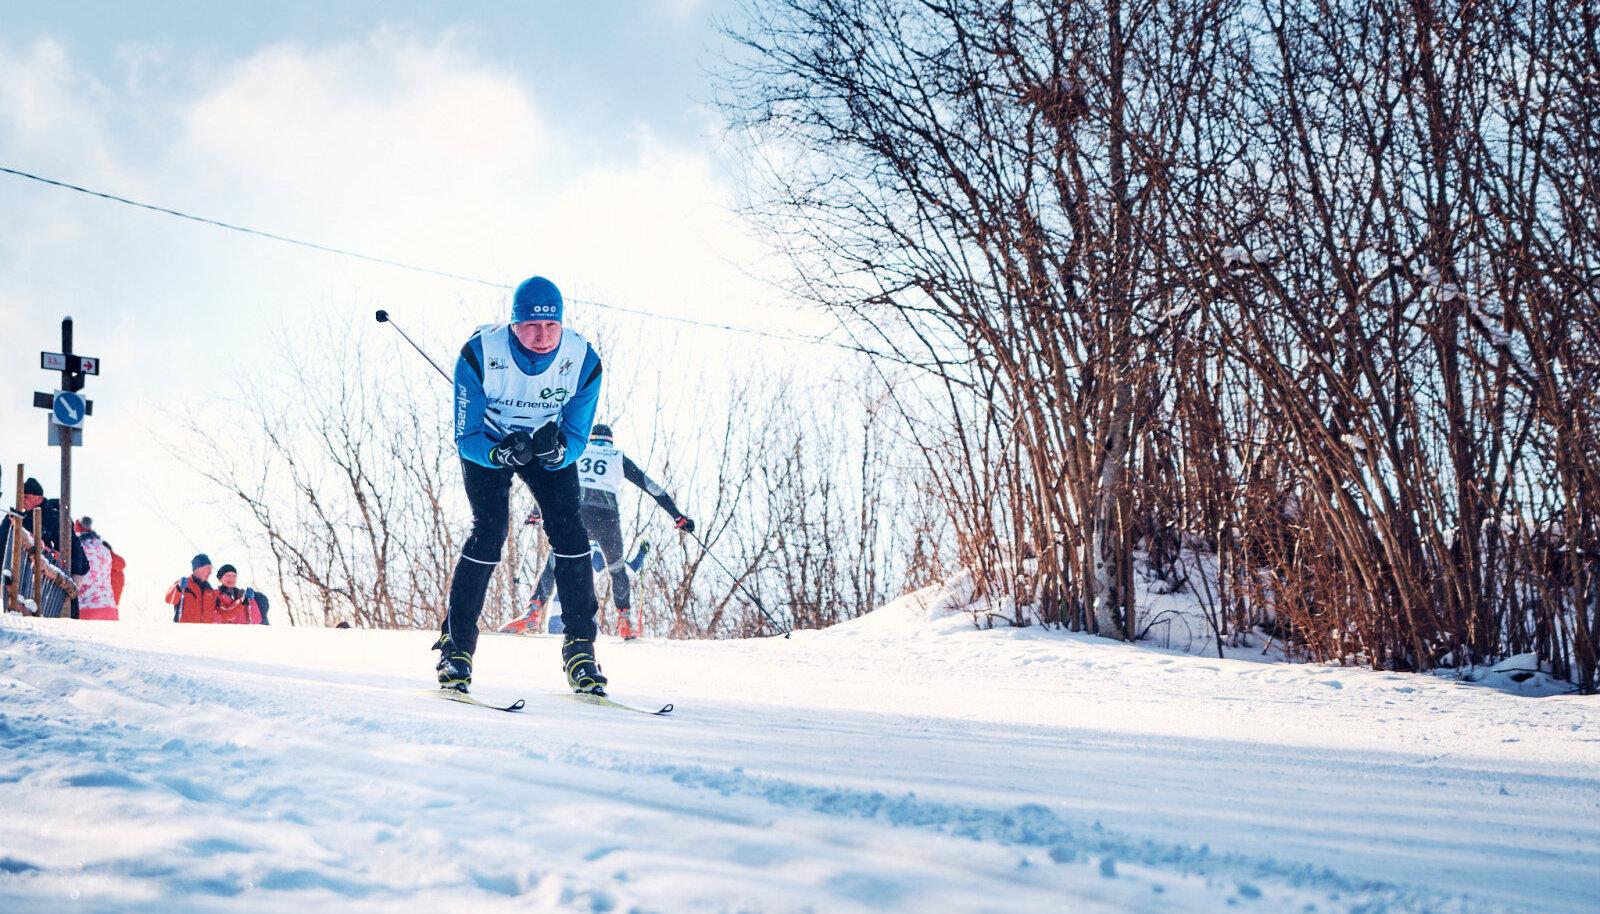 Alo Lõoke, Narva Suusasõidul. 24.02.2018